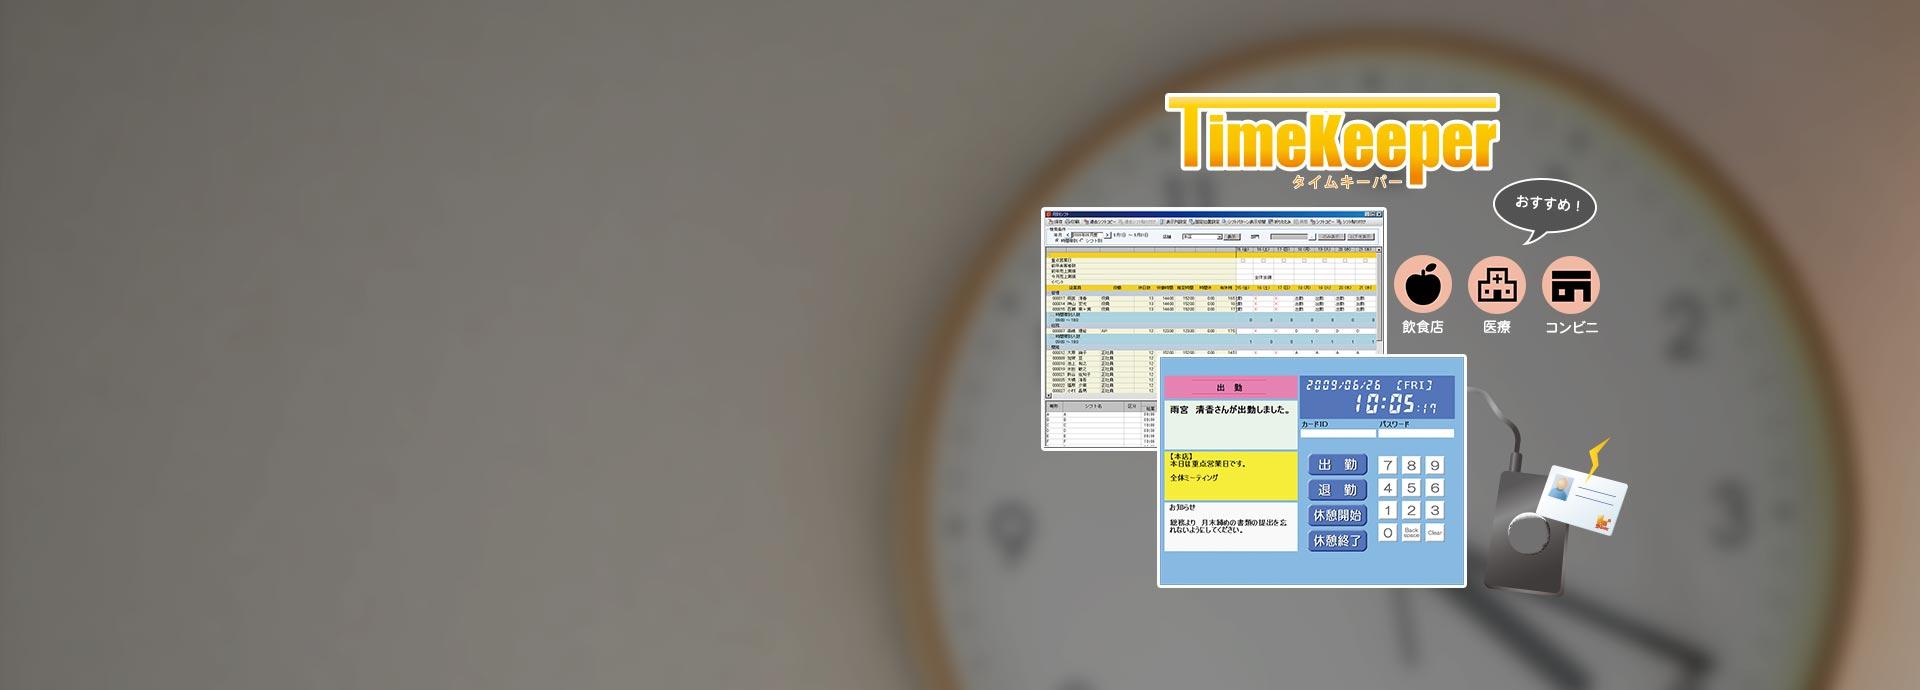 勤怠管理・シフト管理システム